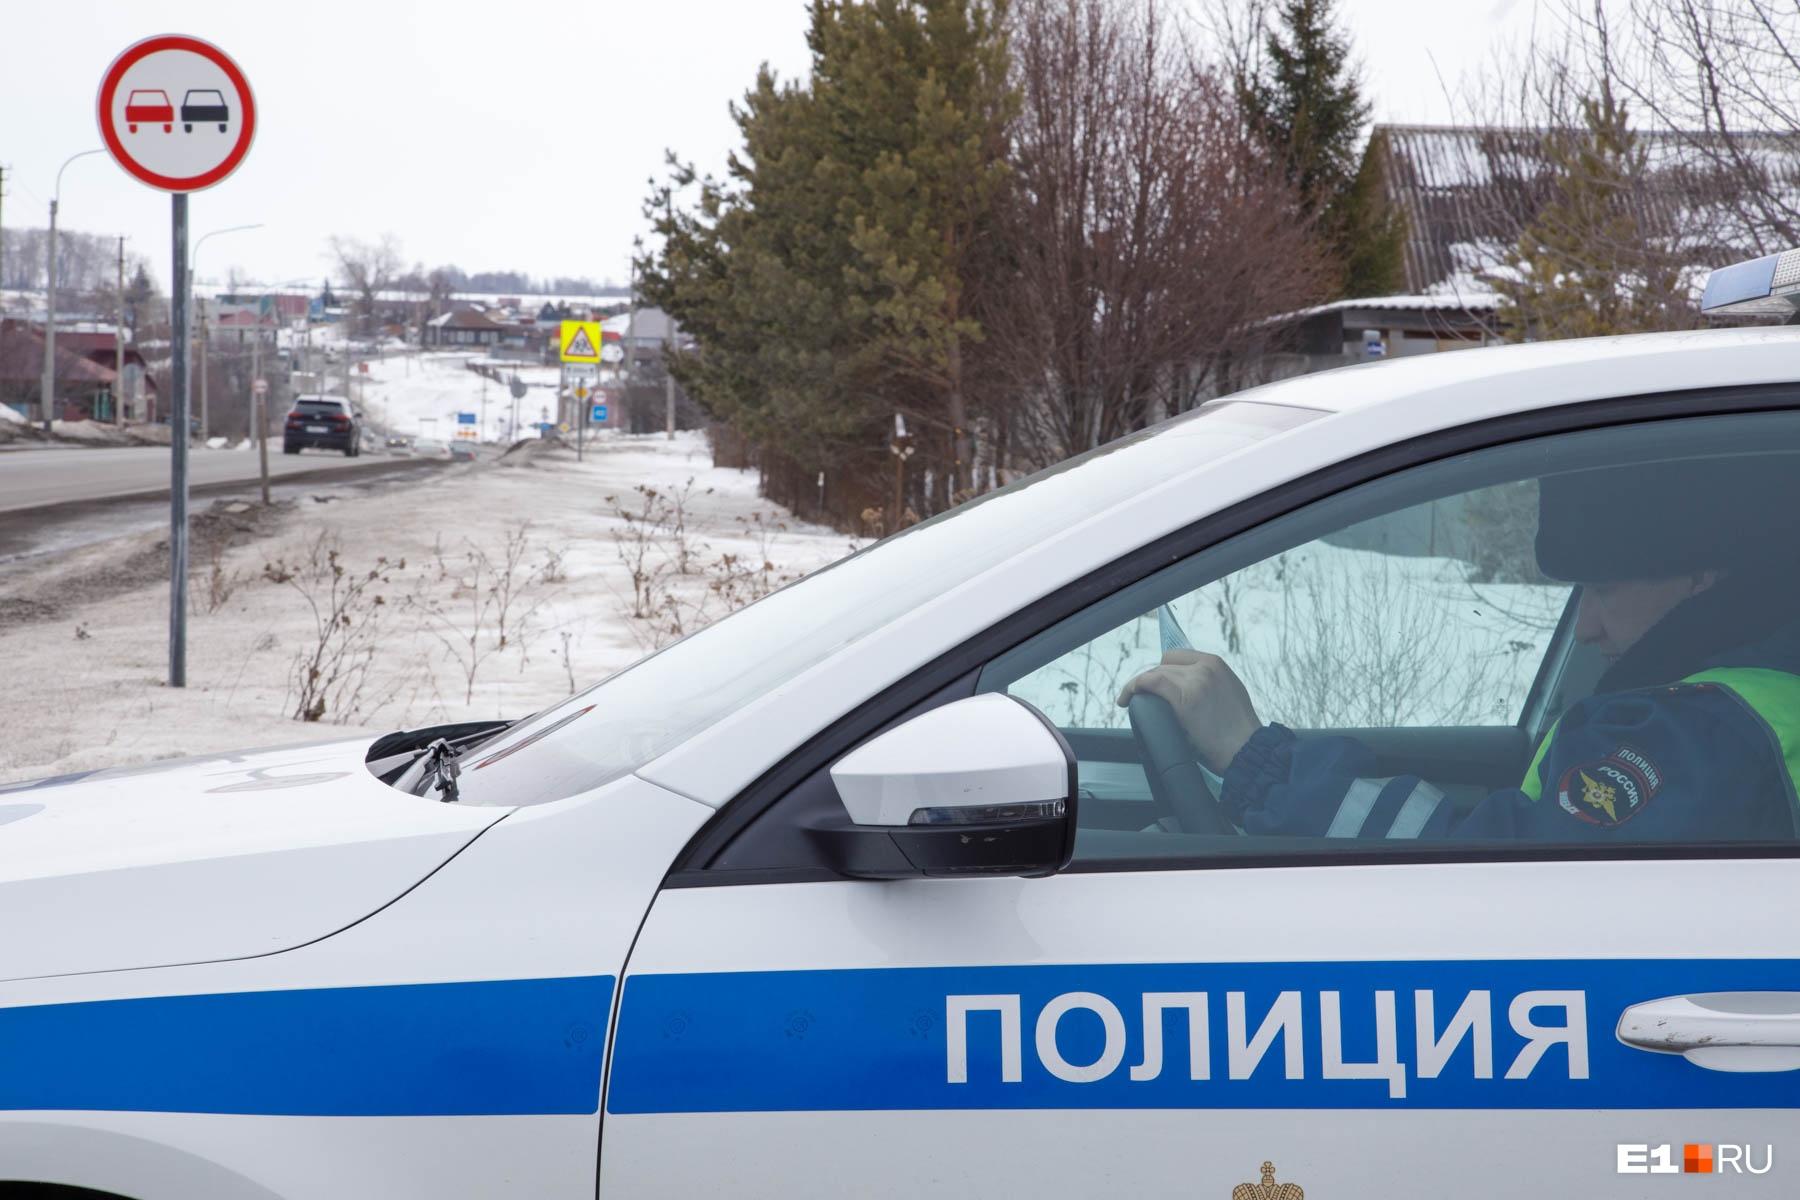 Автоинспекторы используют беспилотники на участках трасс, где запрещены обгоны